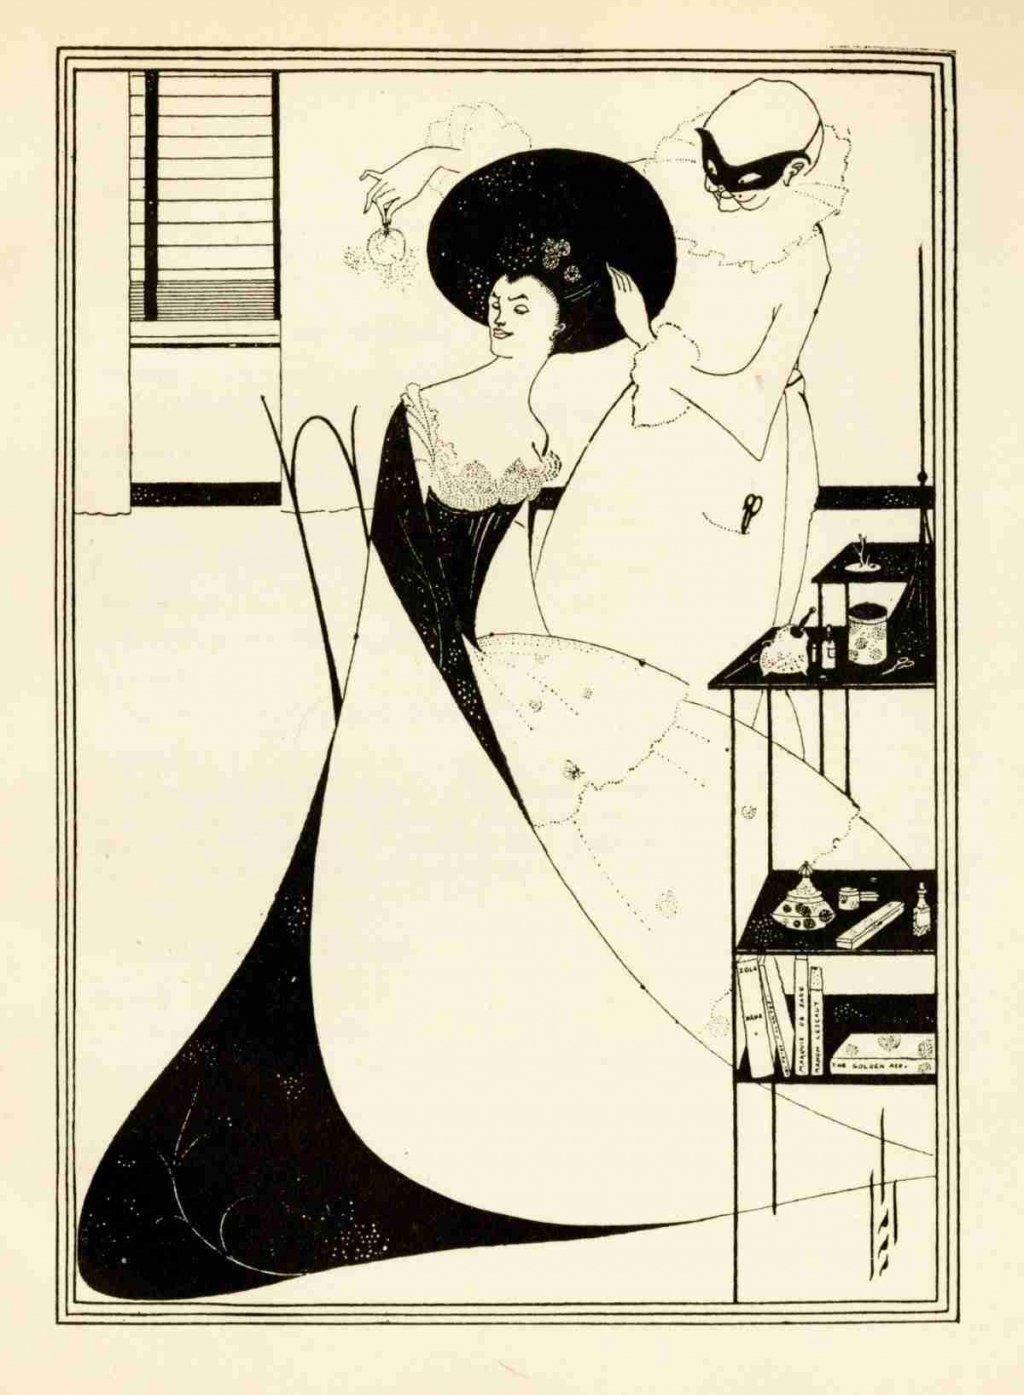 A. Beardsley - The toilet of Salomé